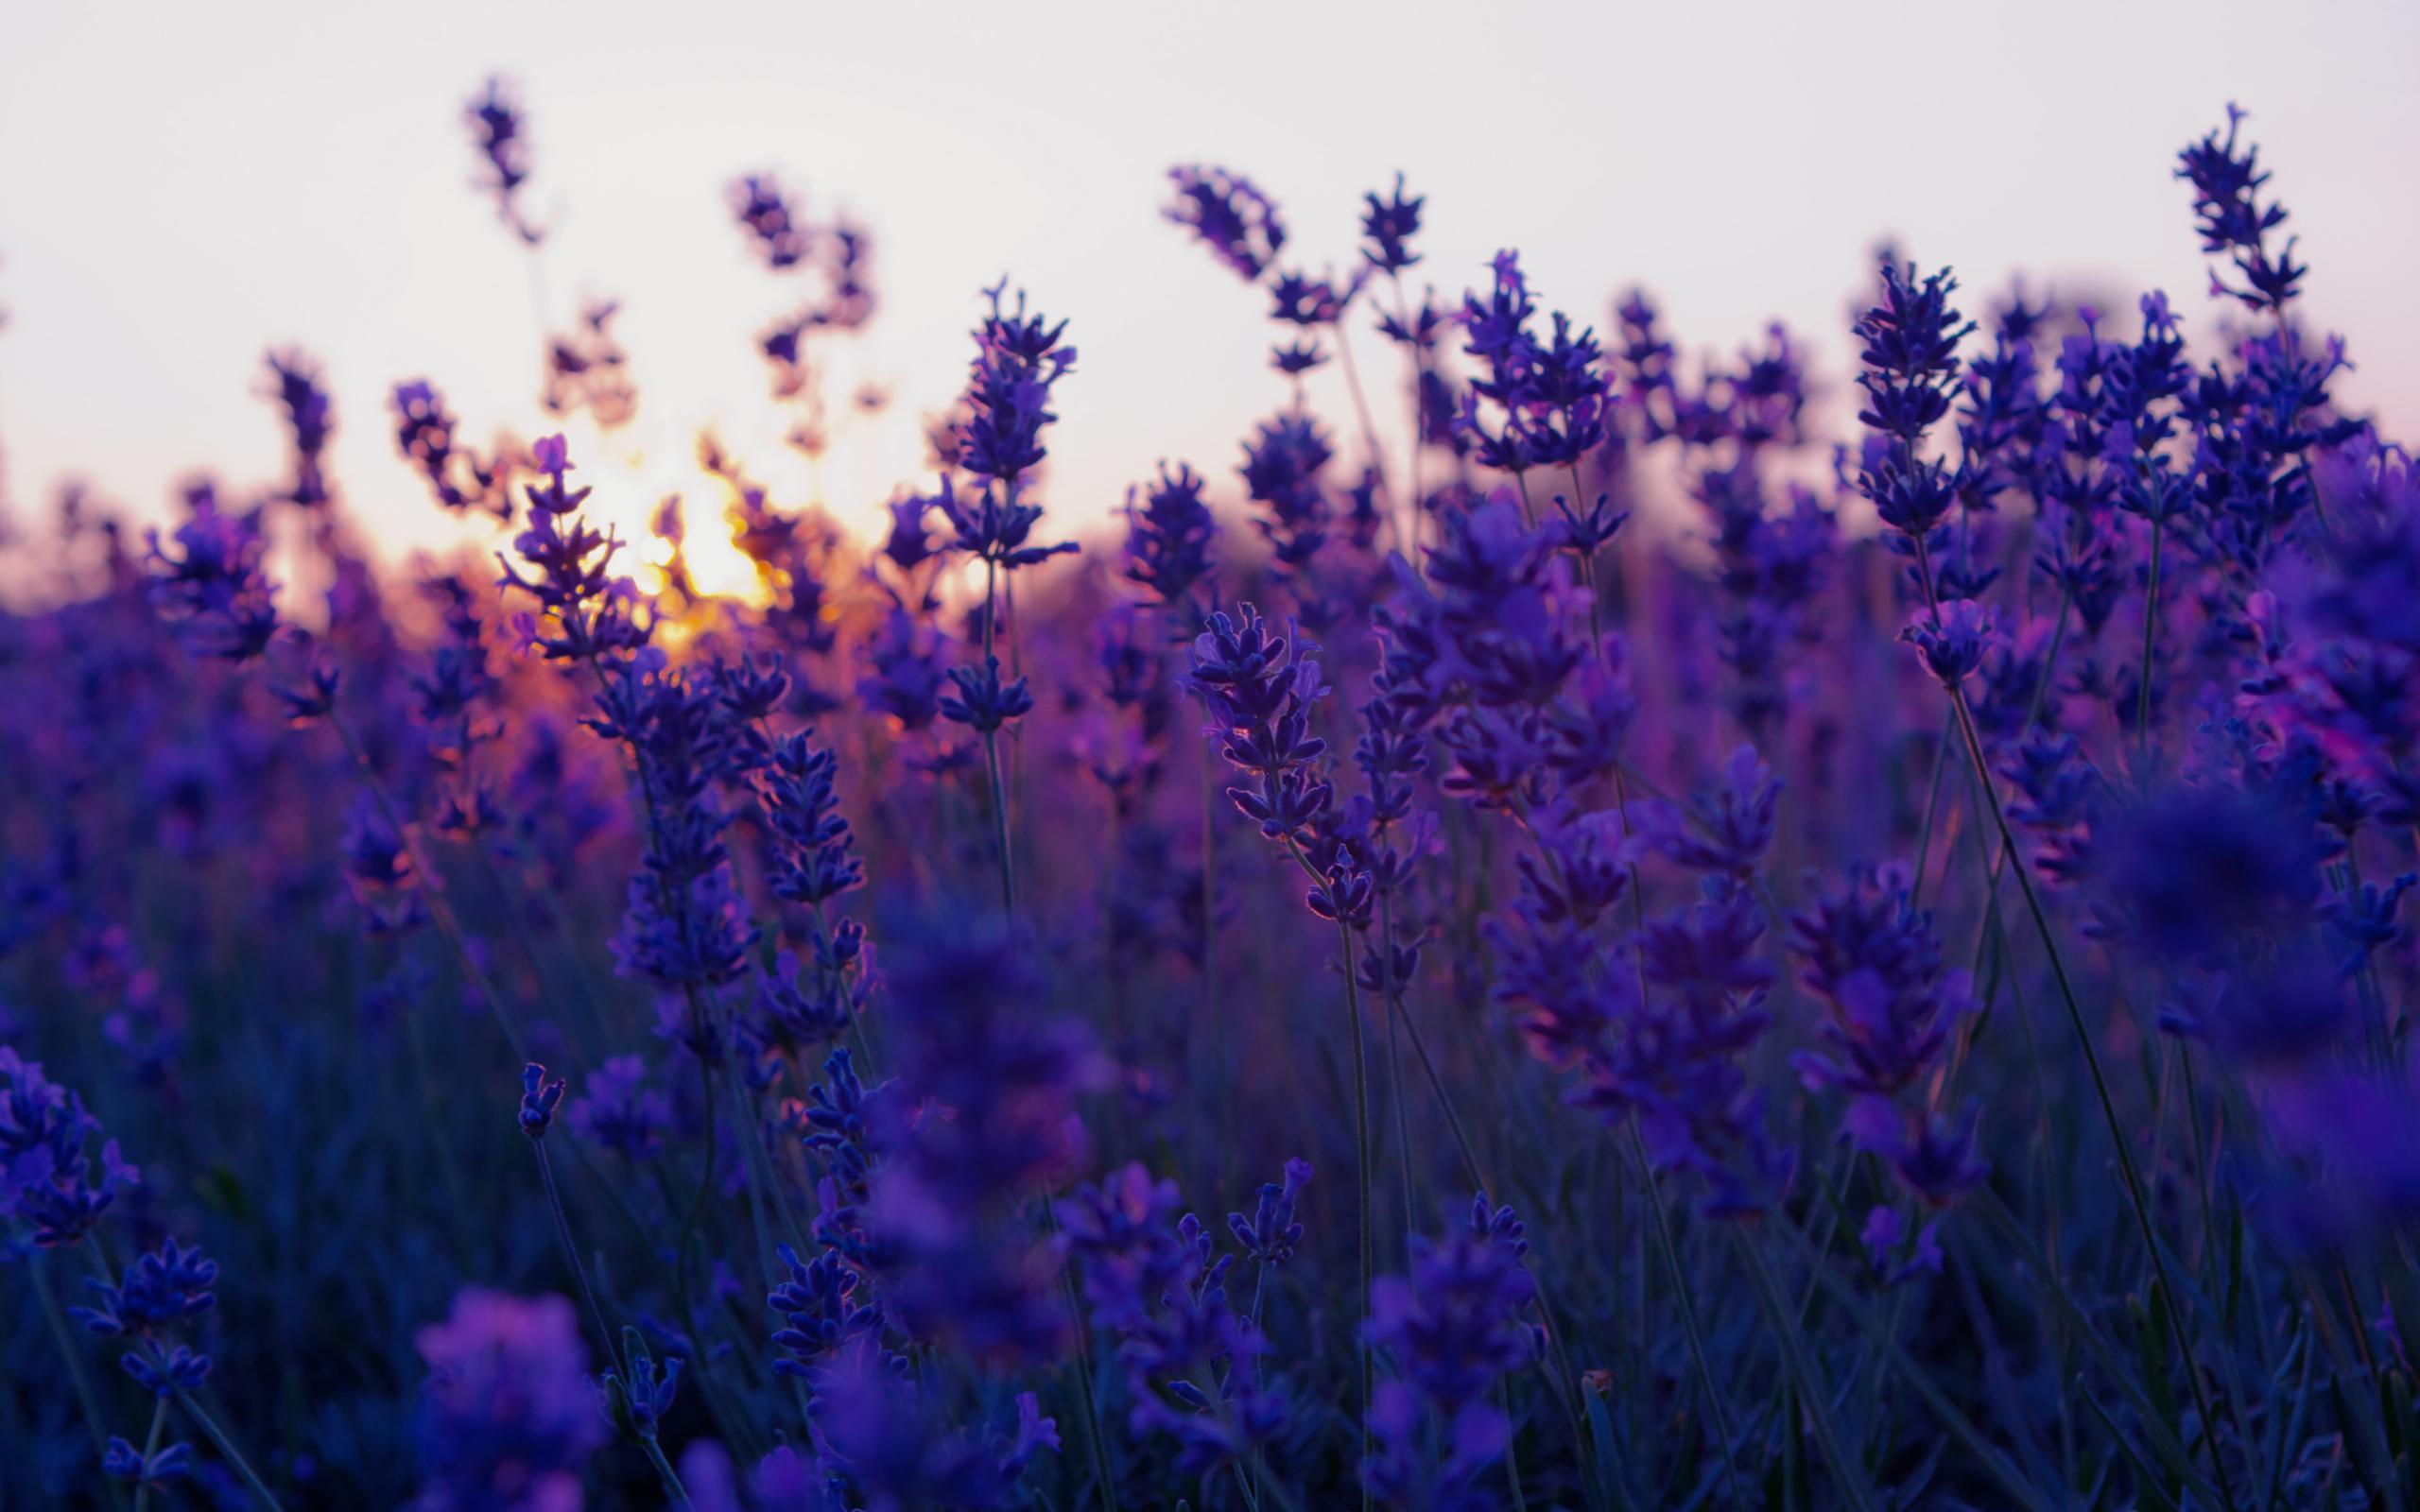 цветы обои картинки